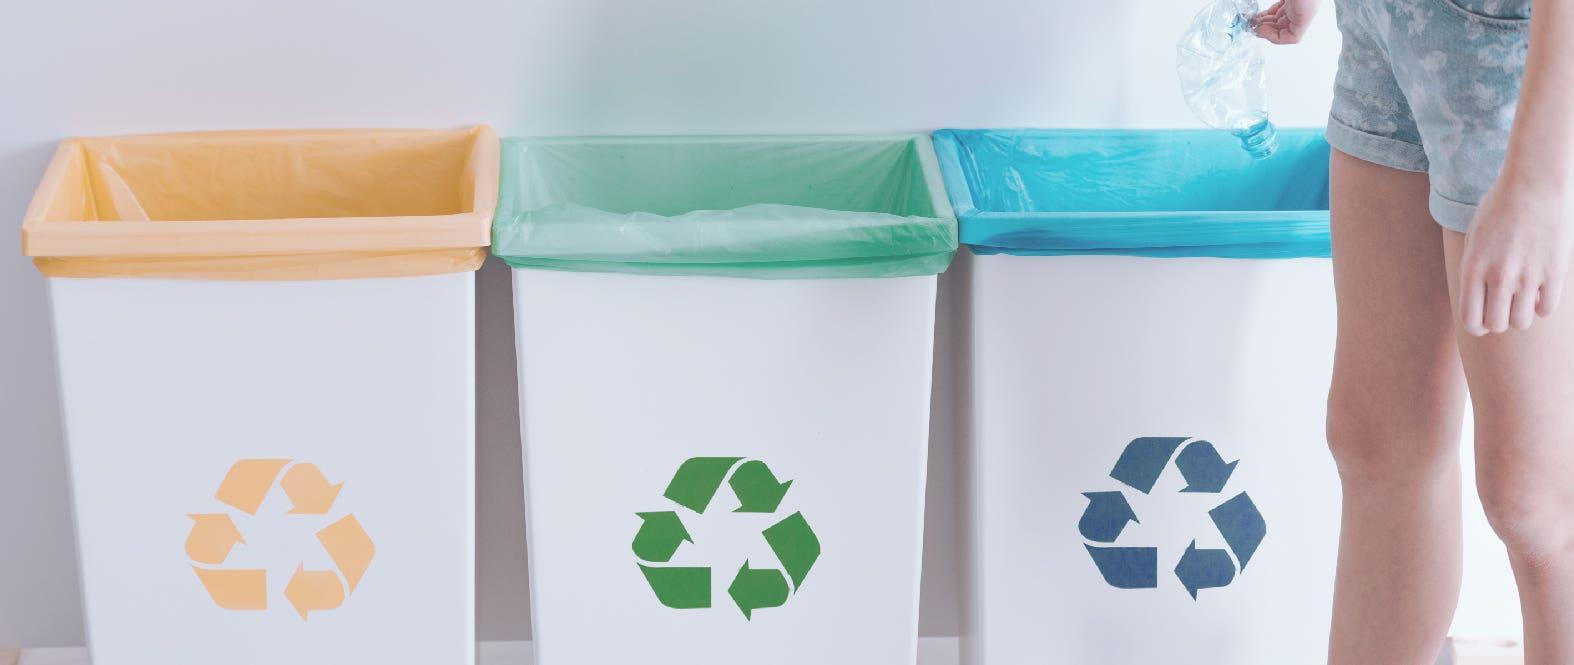 ¡Conoce los colores de clasificación del reciclaje!